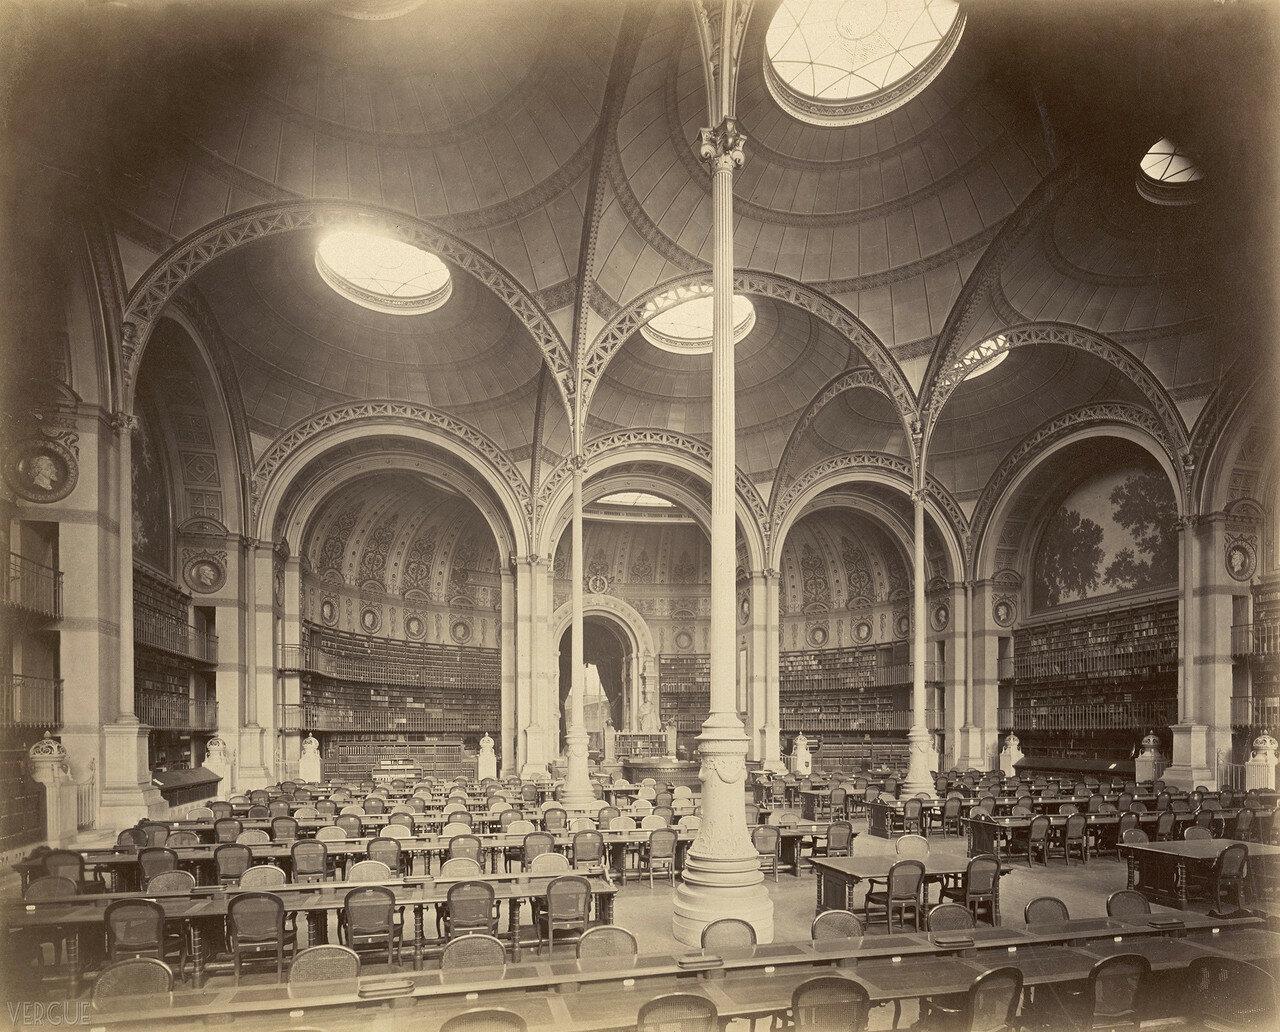 1870. Императорская библиотека. Интерьер